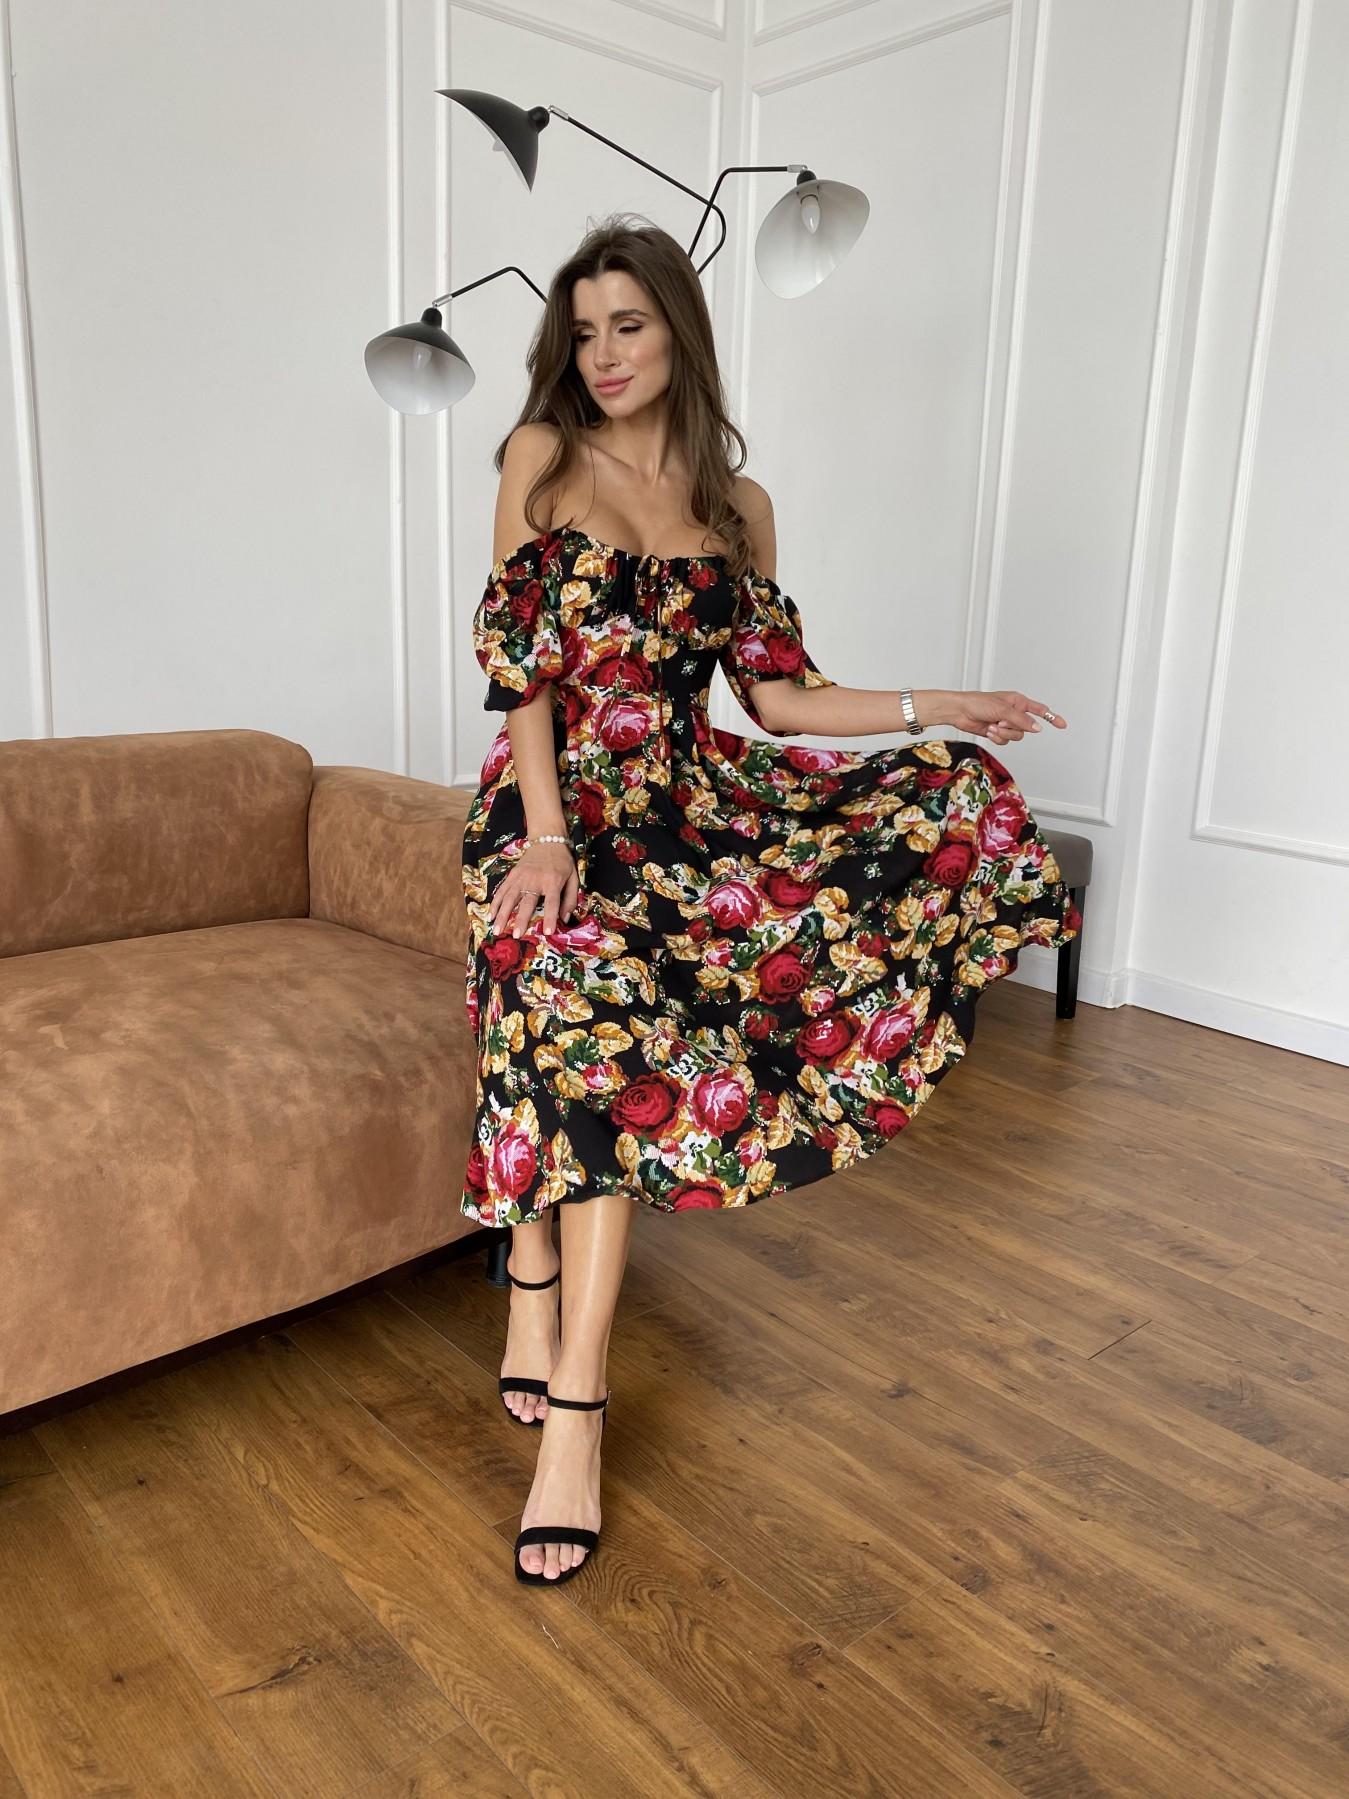 Кисес Миди платье из креп шифона в принт 11575 АРТ. 48253 Цвет: Черный вышивка 3 - фото 2, интернет магазин tm-modus.ru